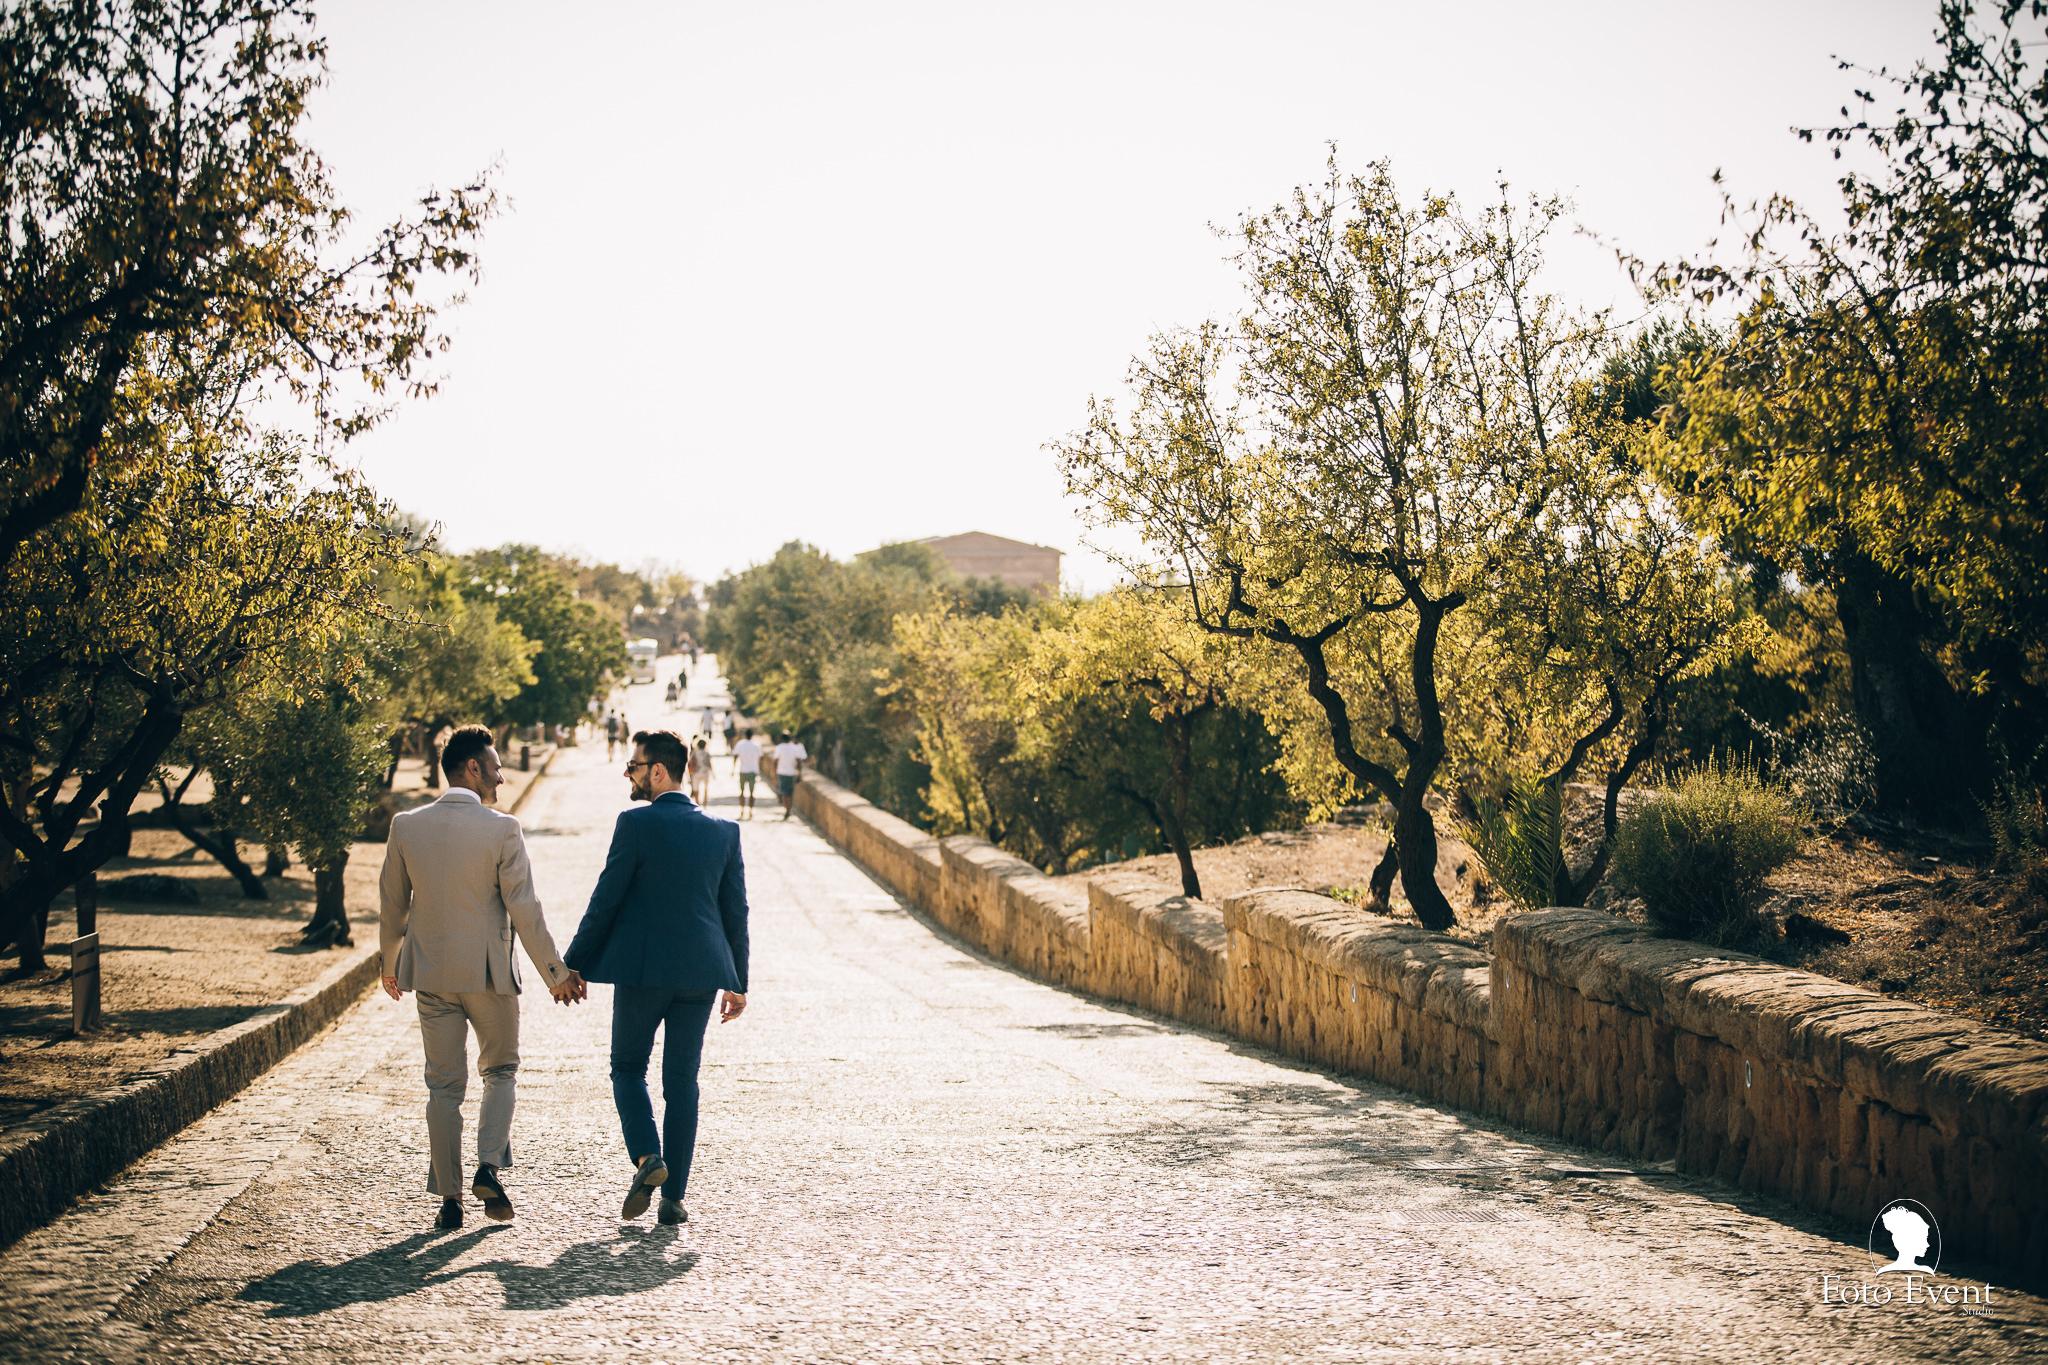 2018-07-26 Engagement Santo Caruso e Lillo Gueli zoom 054